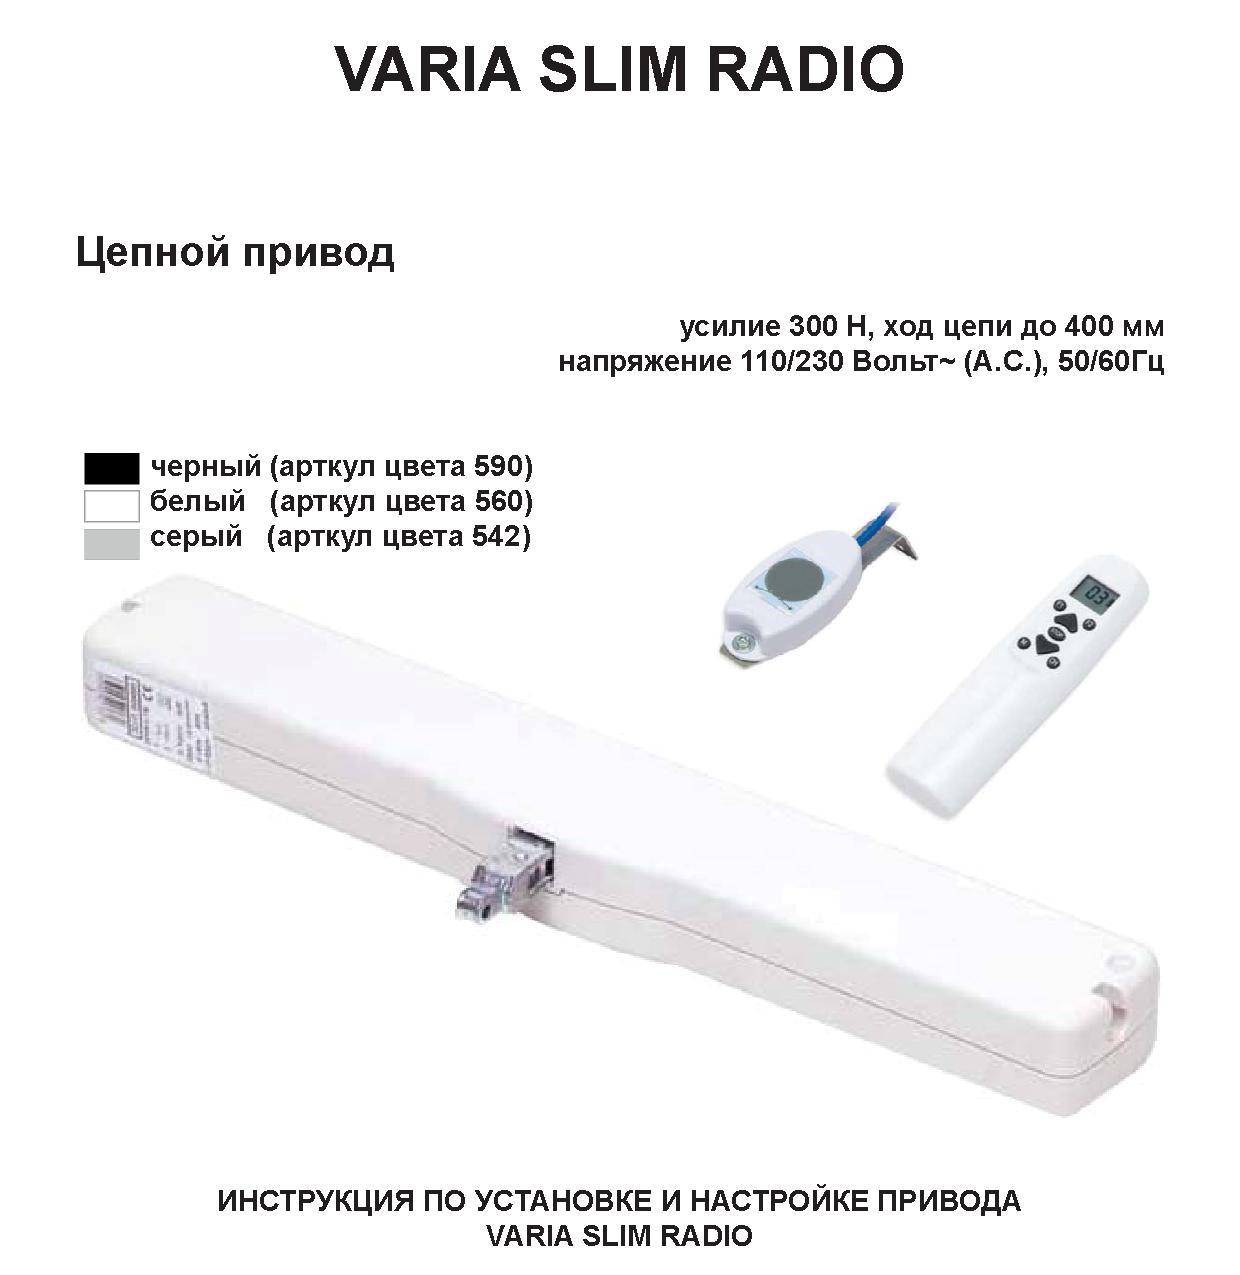 varia slim radio